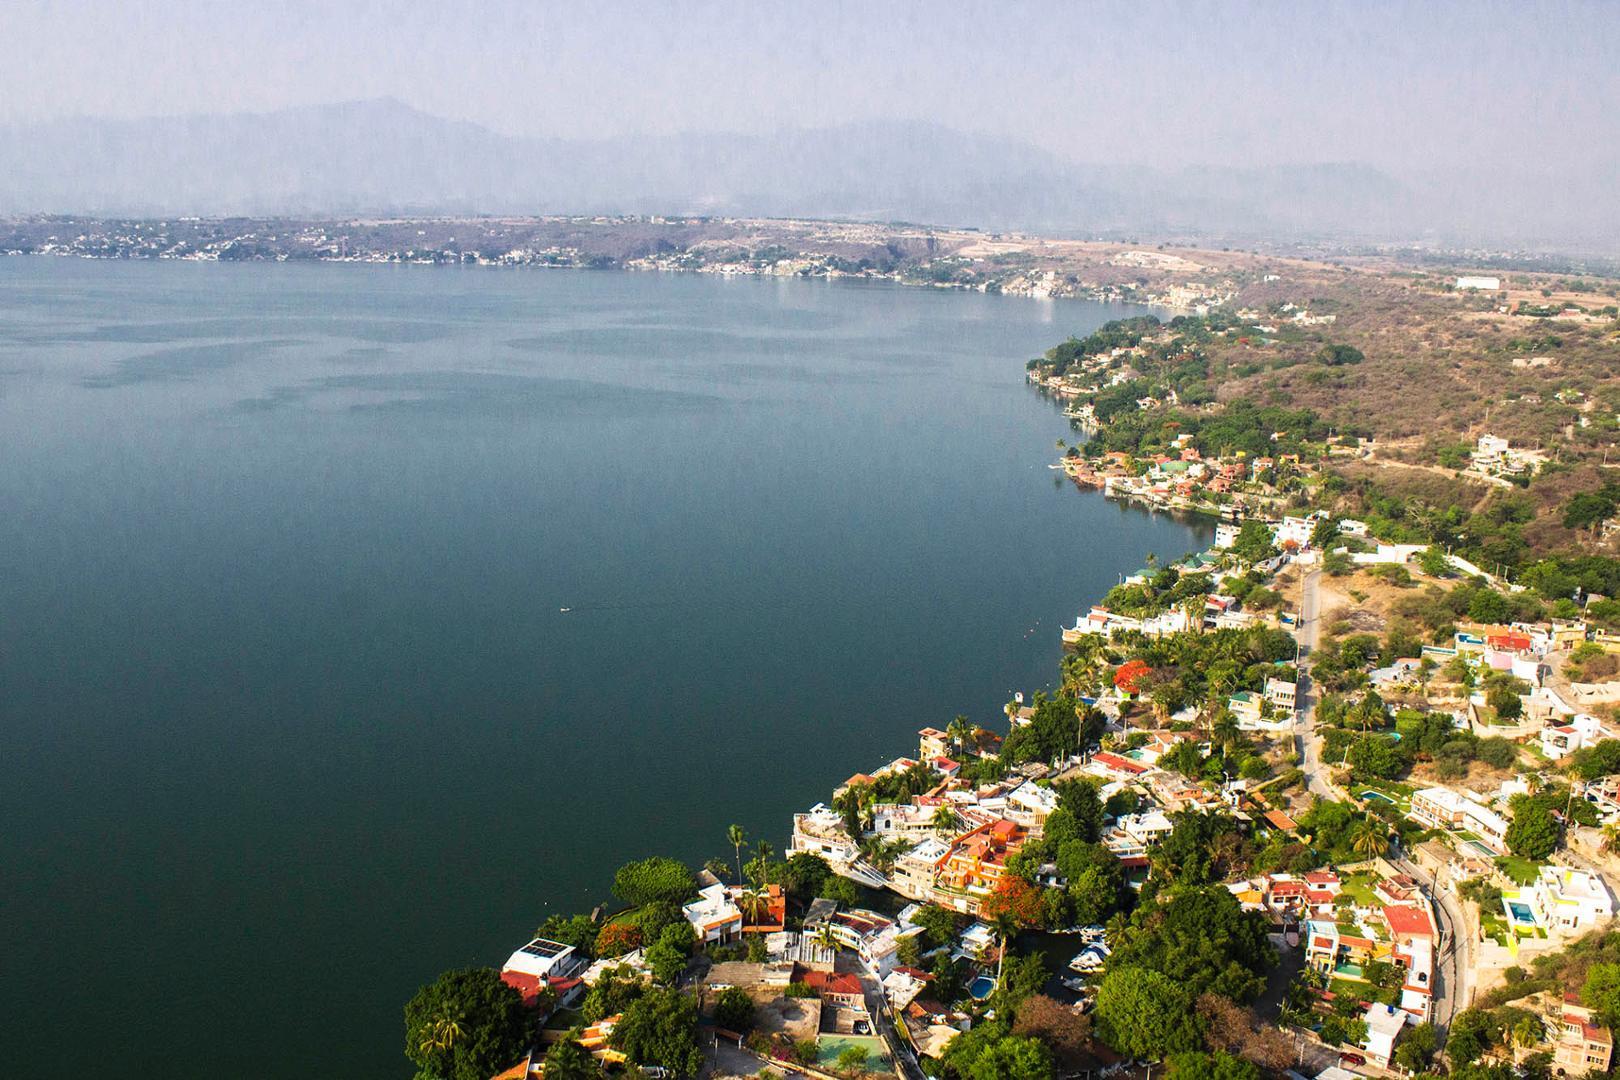 El lago de #Tequesquitengo se originó al proteger a muerte el ingrediente secreto de una receta.